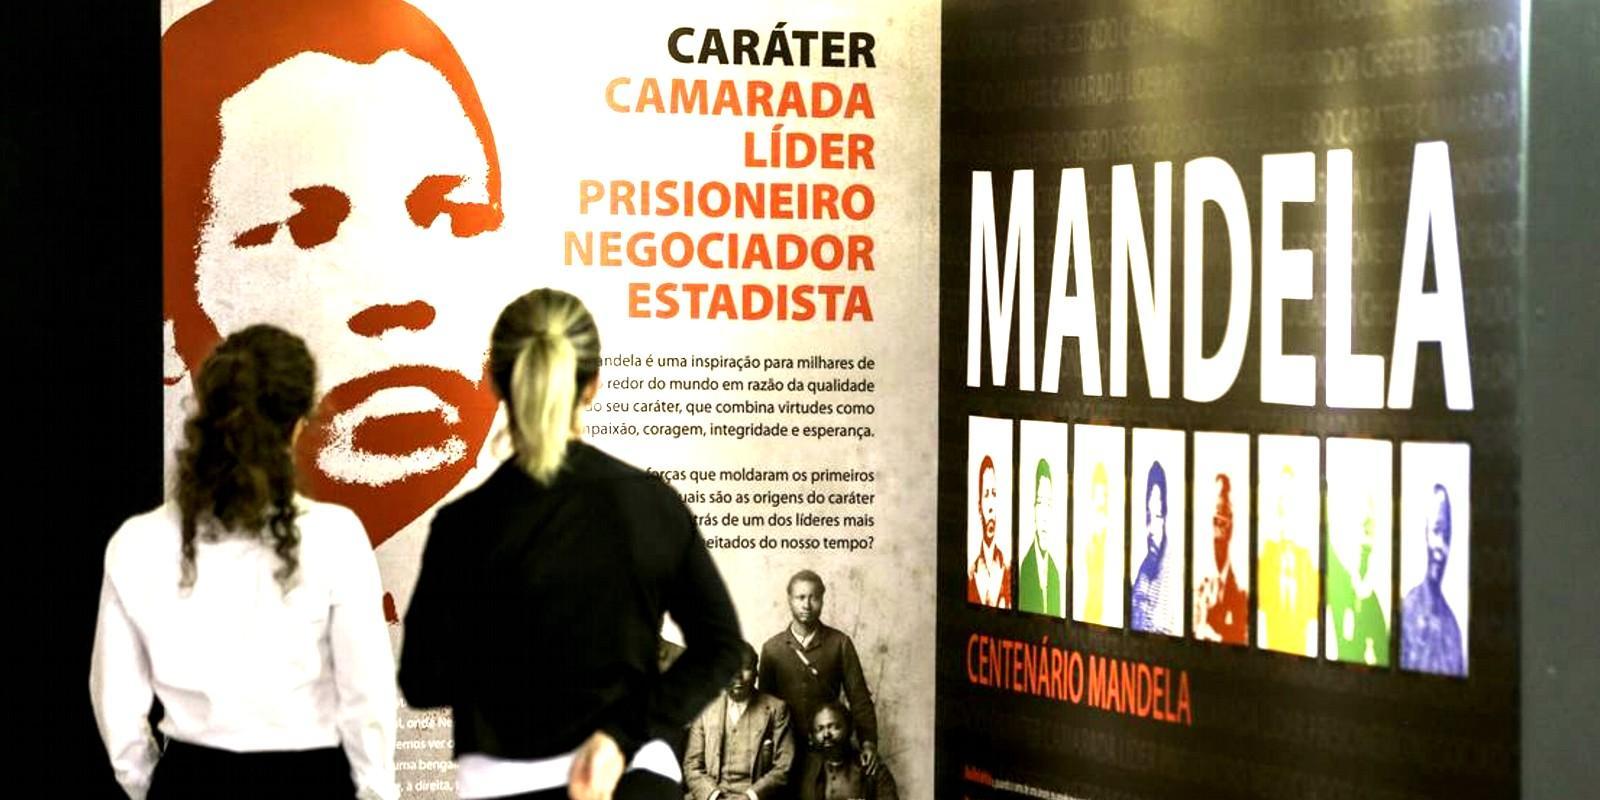 ONU recorda Mandela como defensor global da dignidade e igualdade